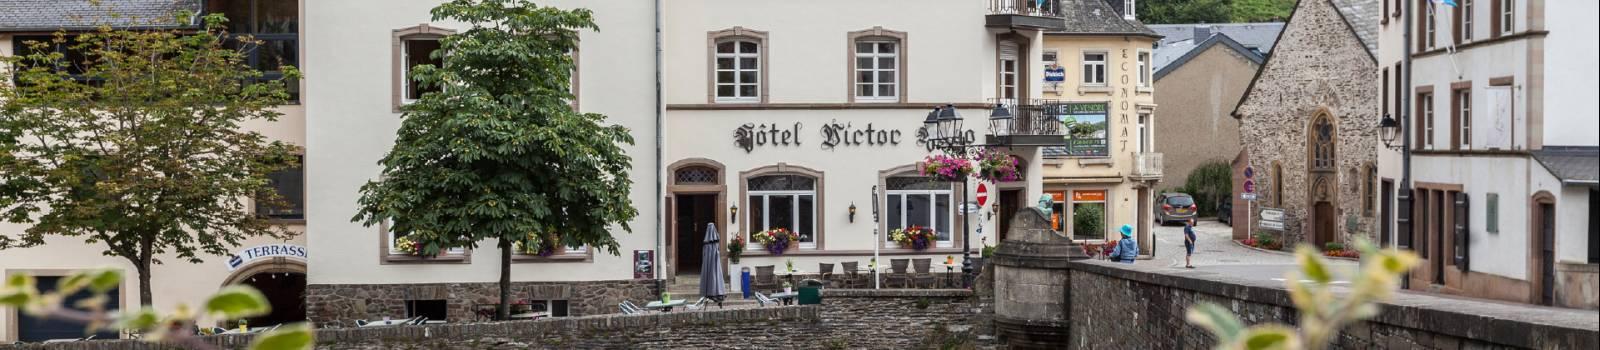 hotel victor hugo vianden 01